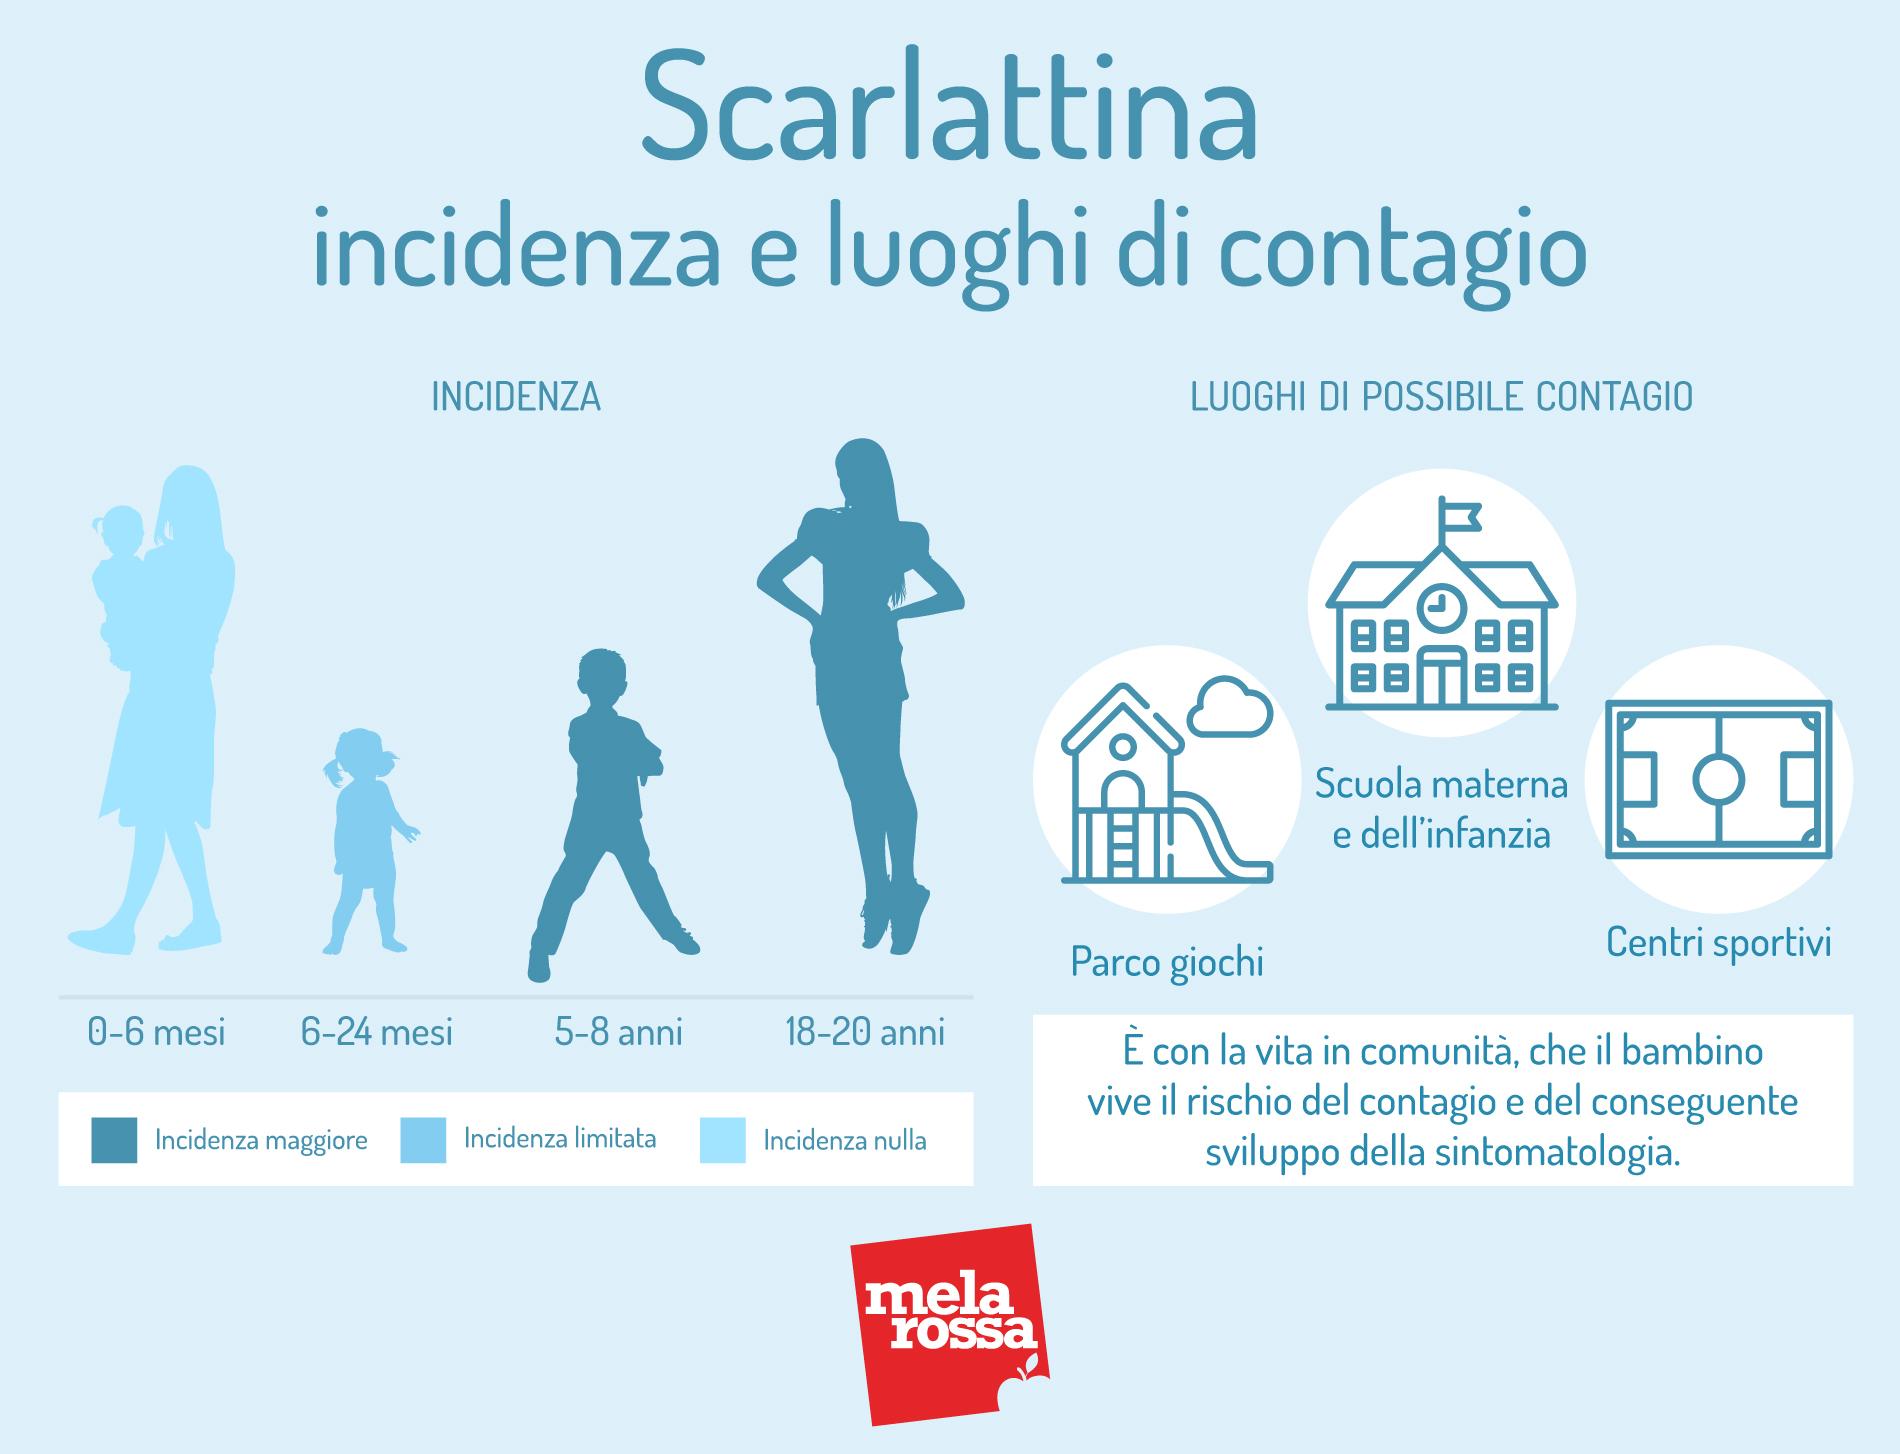 malattie esantematiche: scarlattina